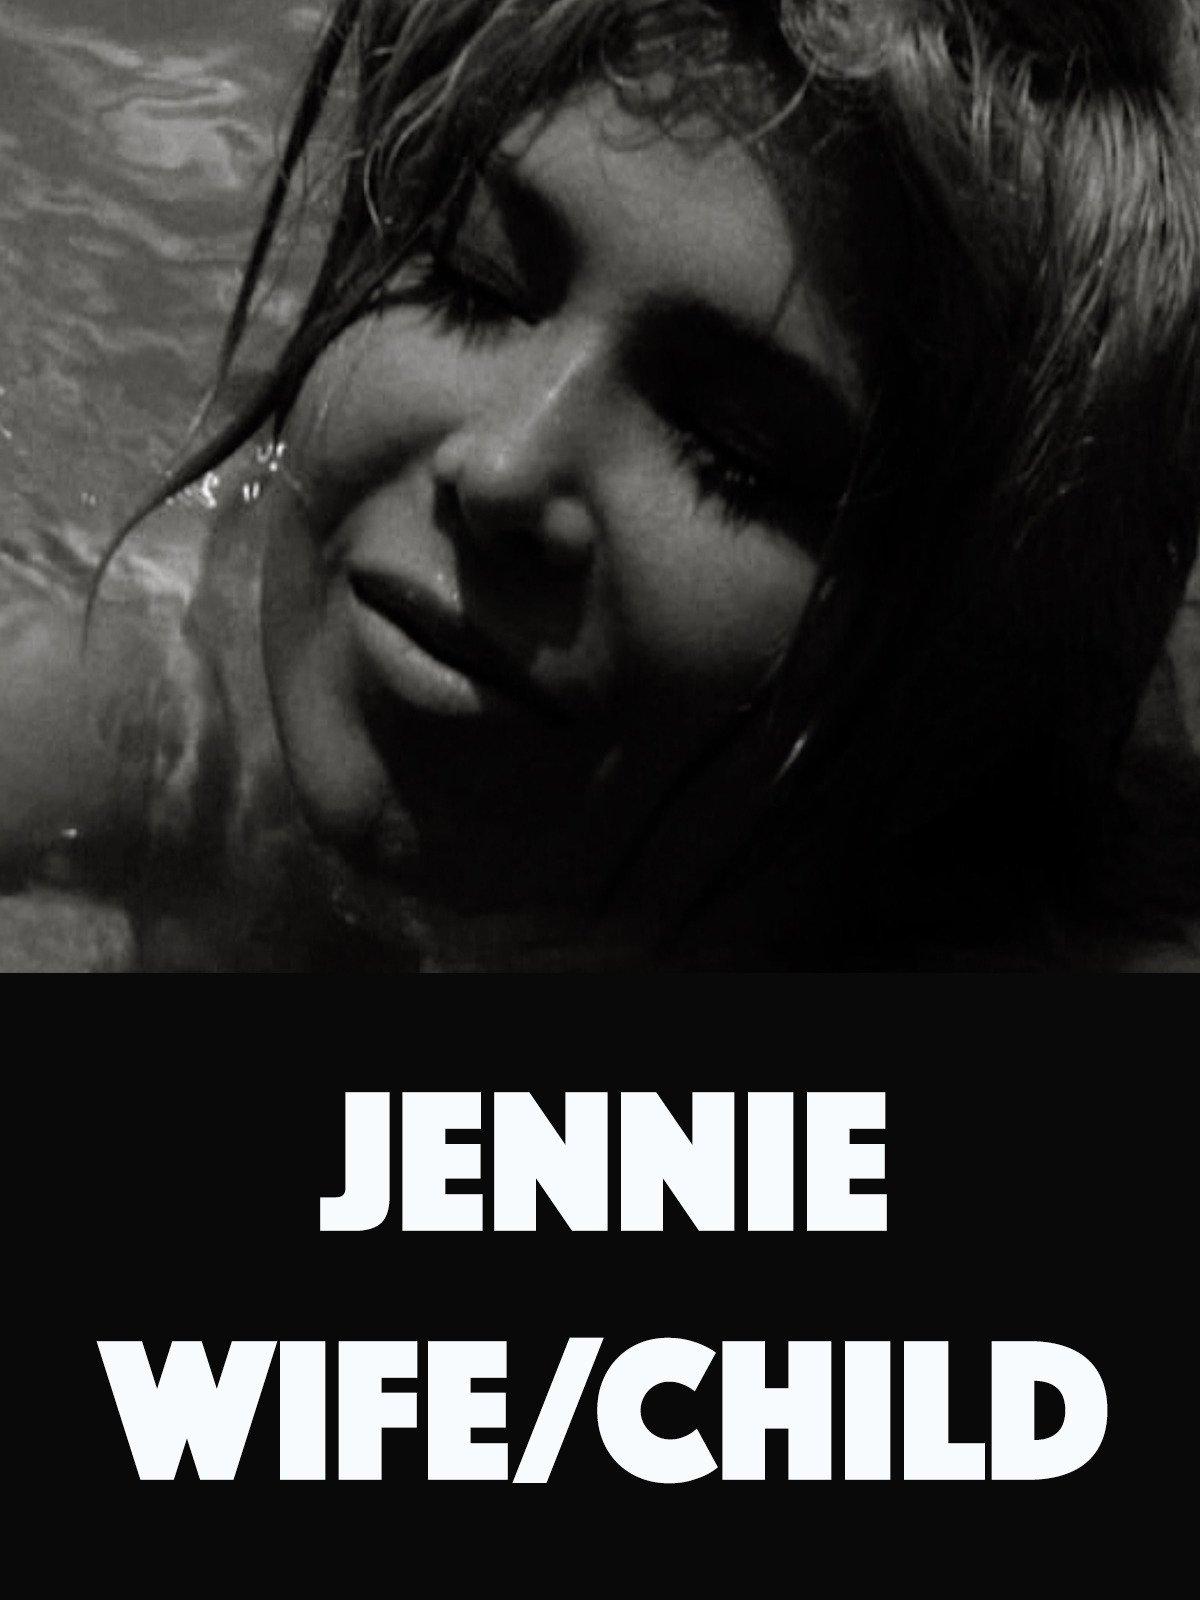 Jennie Wife/Child